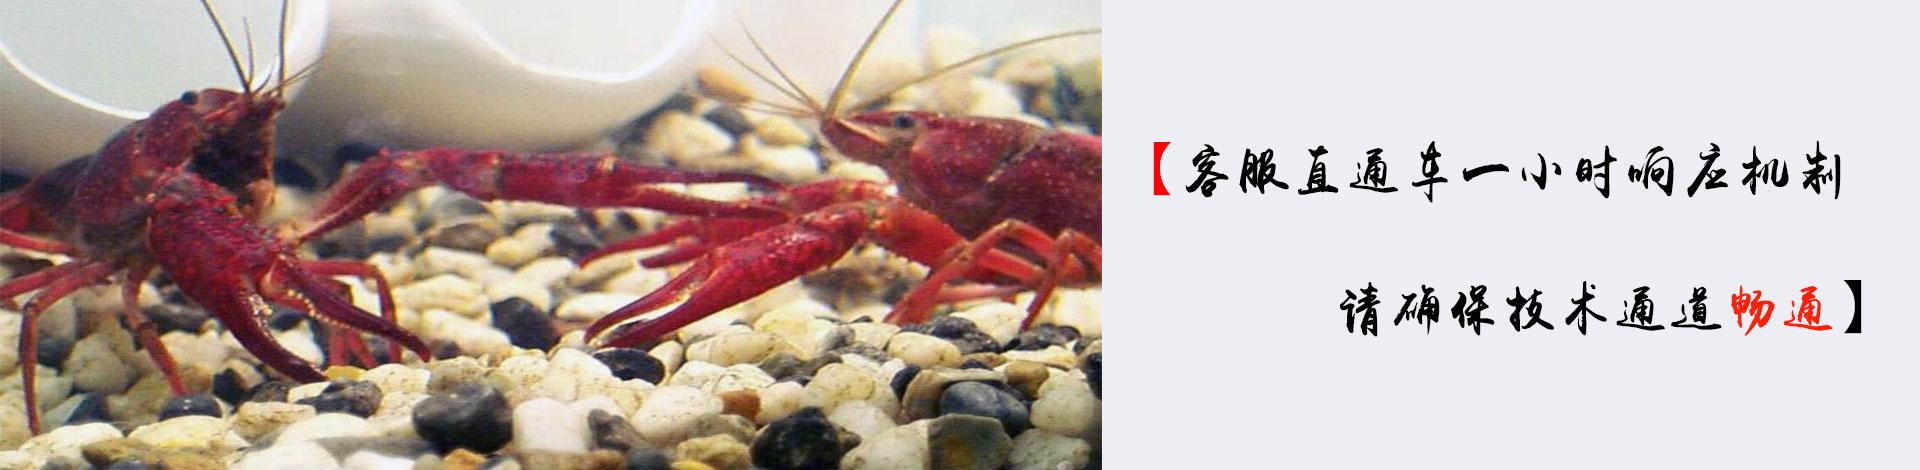 龙虾养殖技术